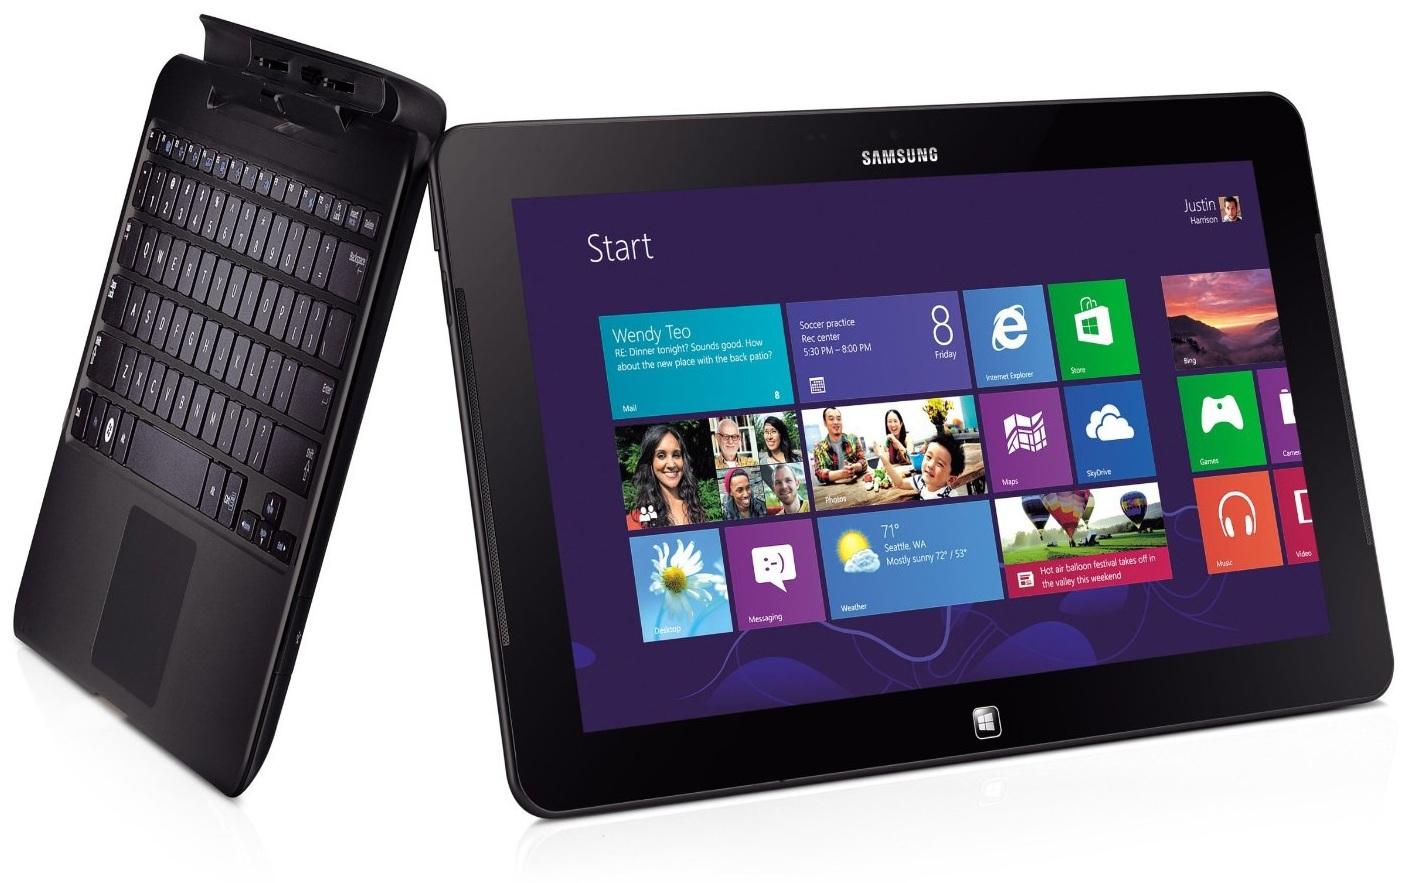 """Бизнес-планшет Samsung ATIV Smart PC Pro 64GB с стандартом связи 3G под управлением ОС Windows 8. Диагональ PLS экрана 11.6"""" (1920x1080). Процессор Intel Pentium 987 (1,5 ГГц, 2 МБ кэша L3), RAM - 4 ГБайта. Обращаем внимание на съёмную клавиатуру в комплекте. Отличный подарок на январь 2014 года."""